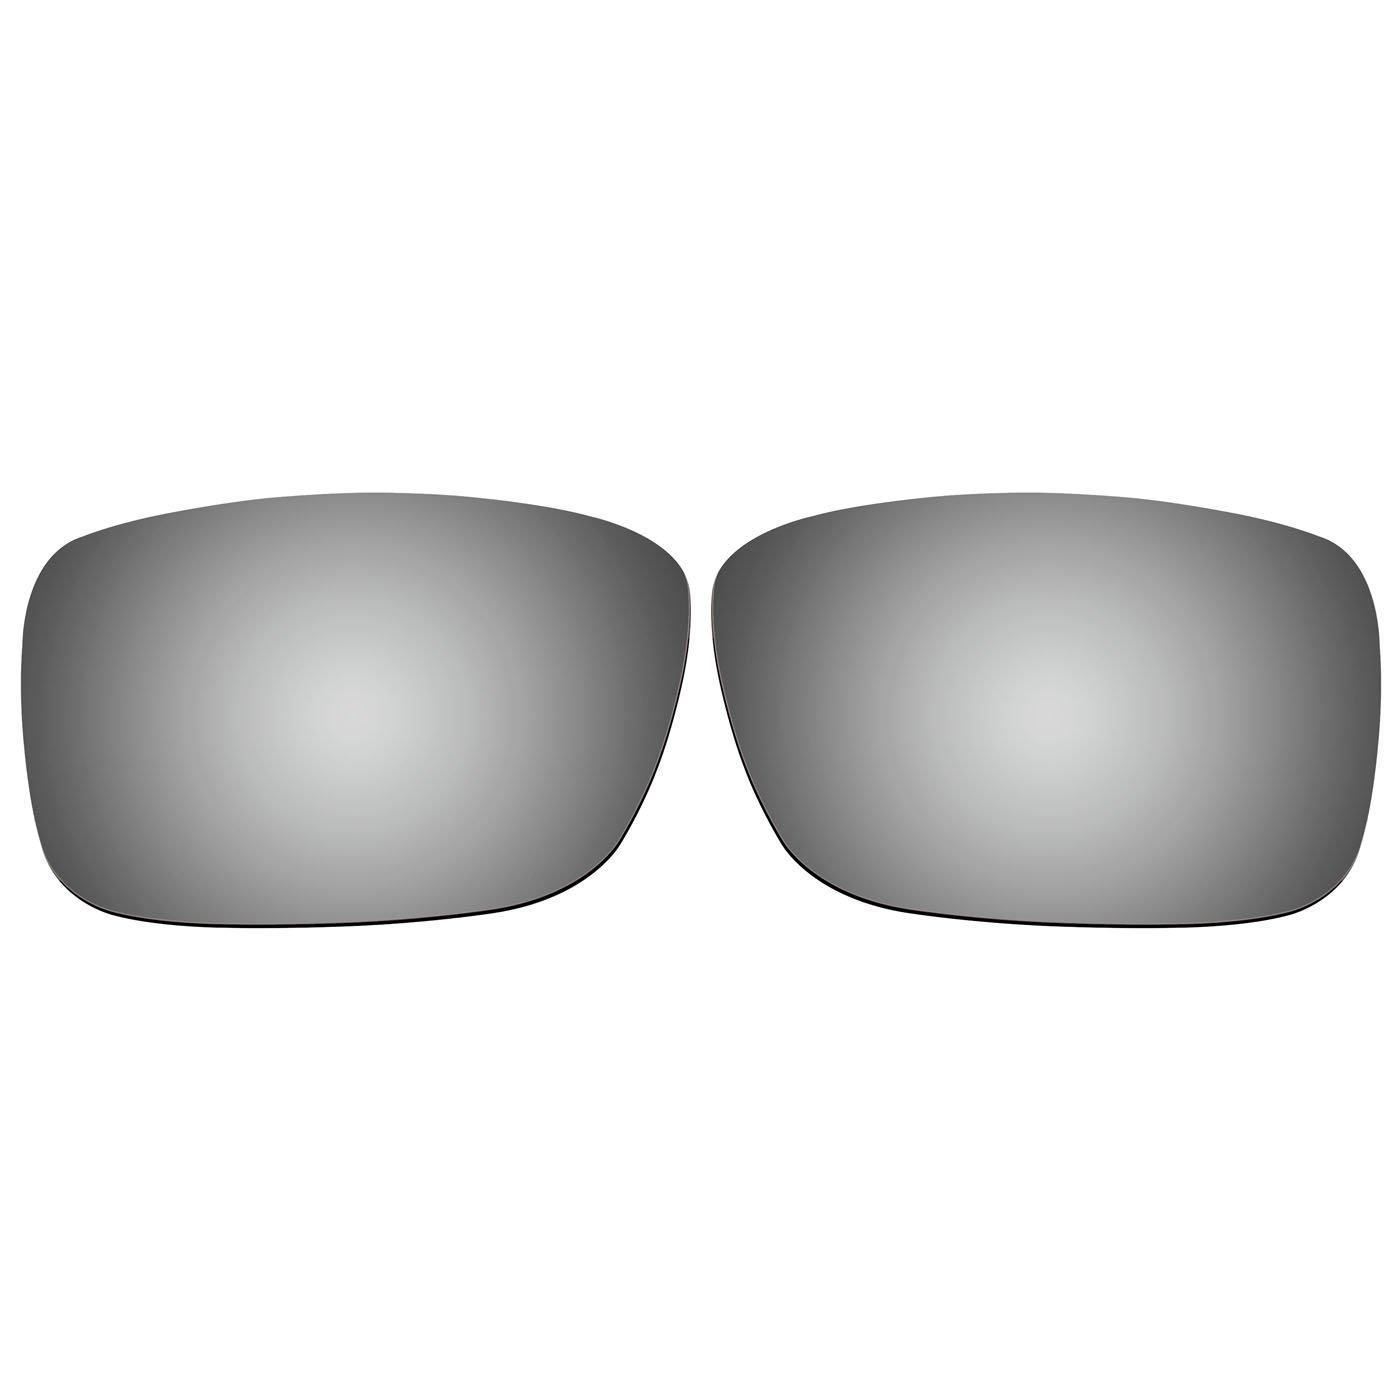 ACOMPATIBLE - Lentes de repuesto para gafas de sol Oakley ...